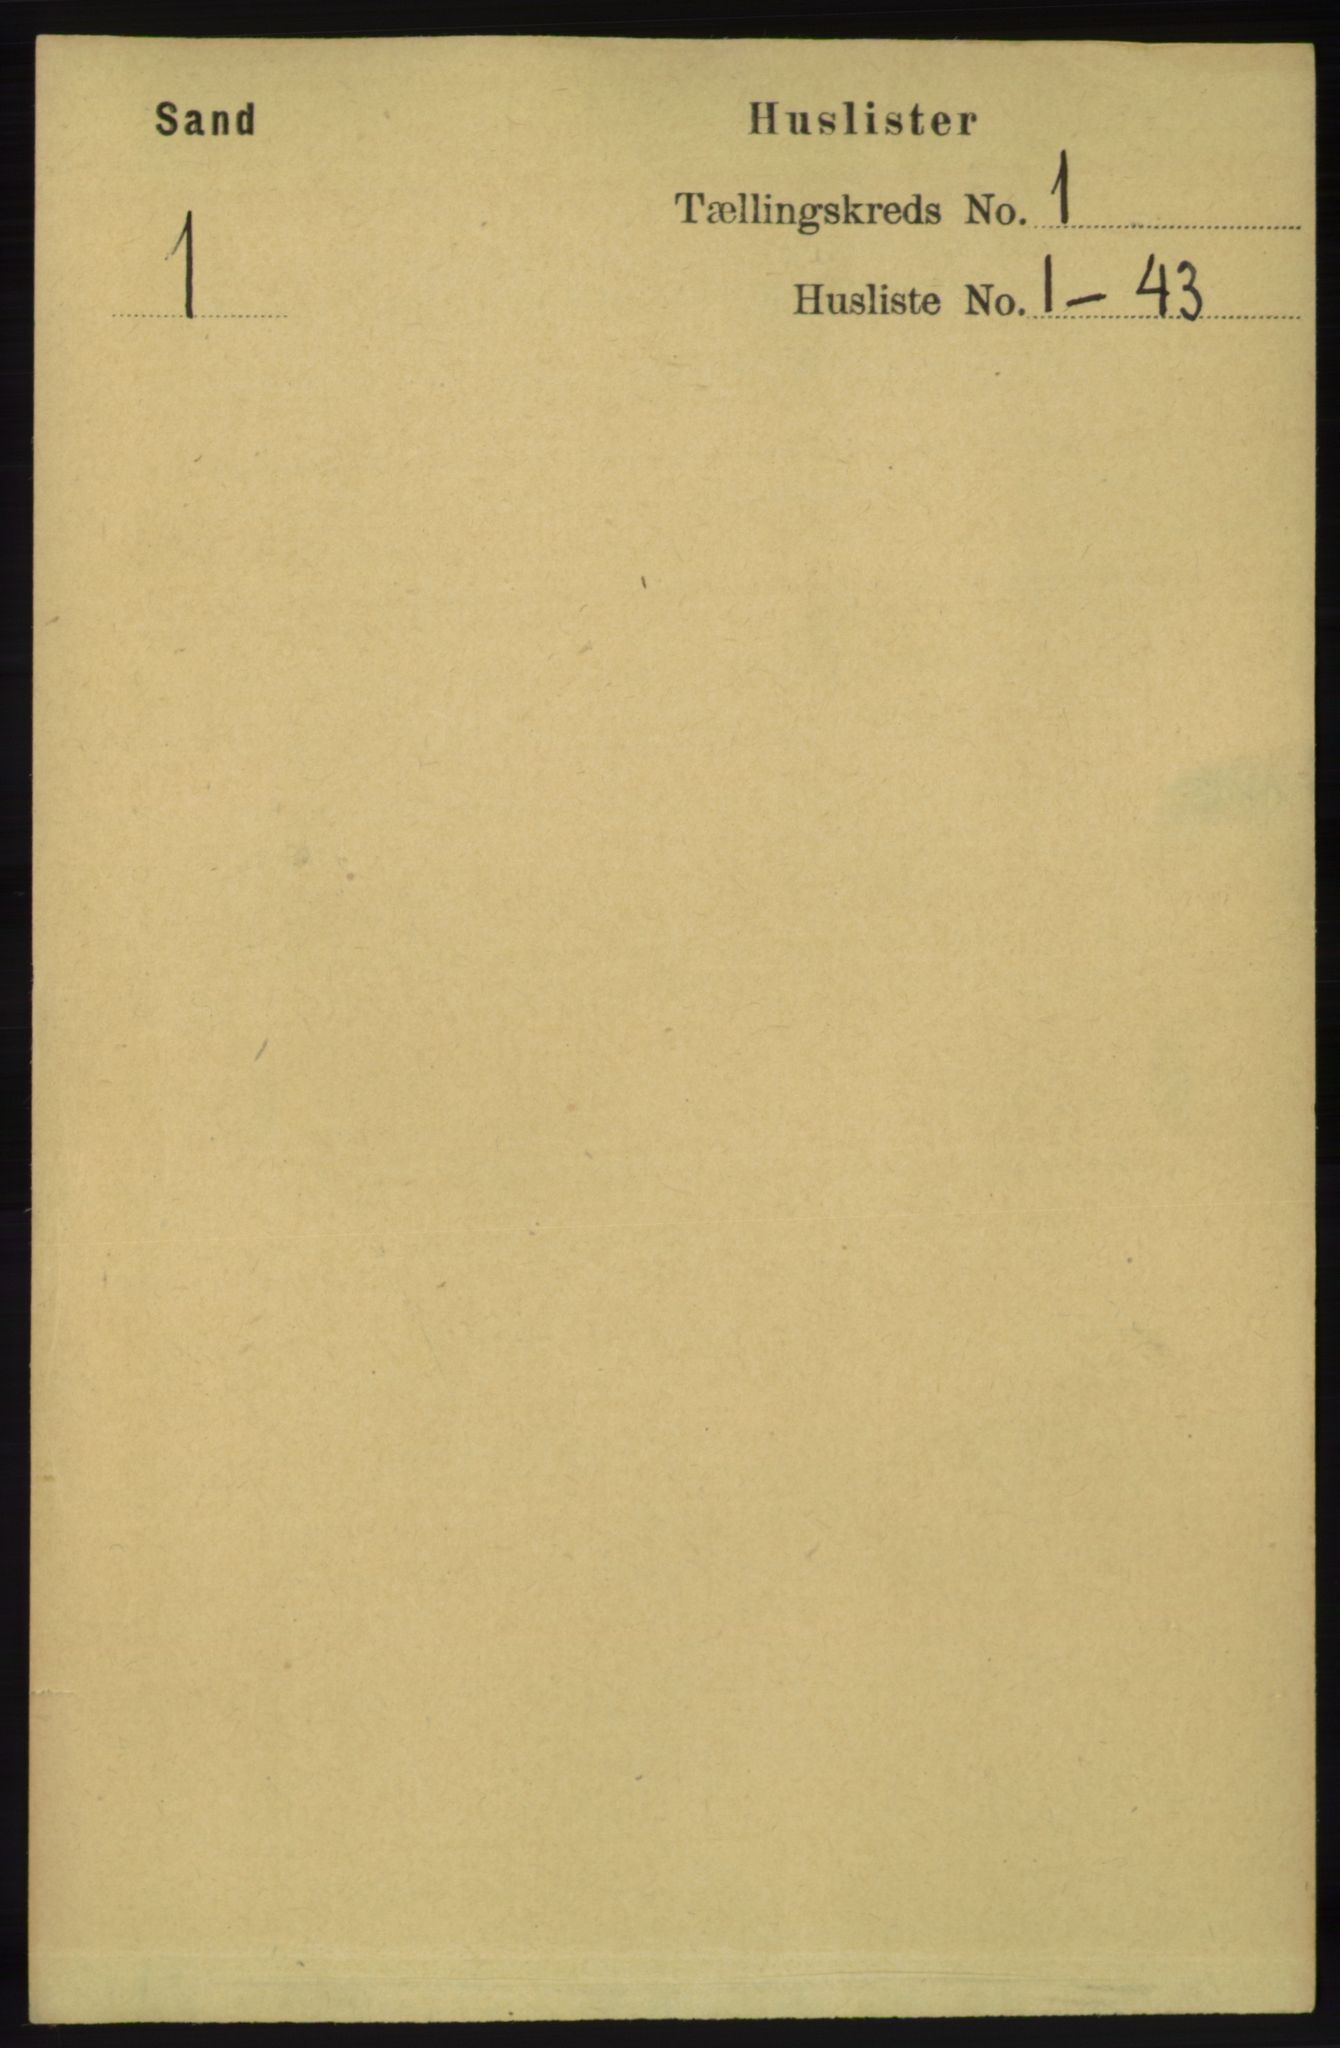 RA, Folketelling 1891 for 1136 Sand herred, 1891, s. 15